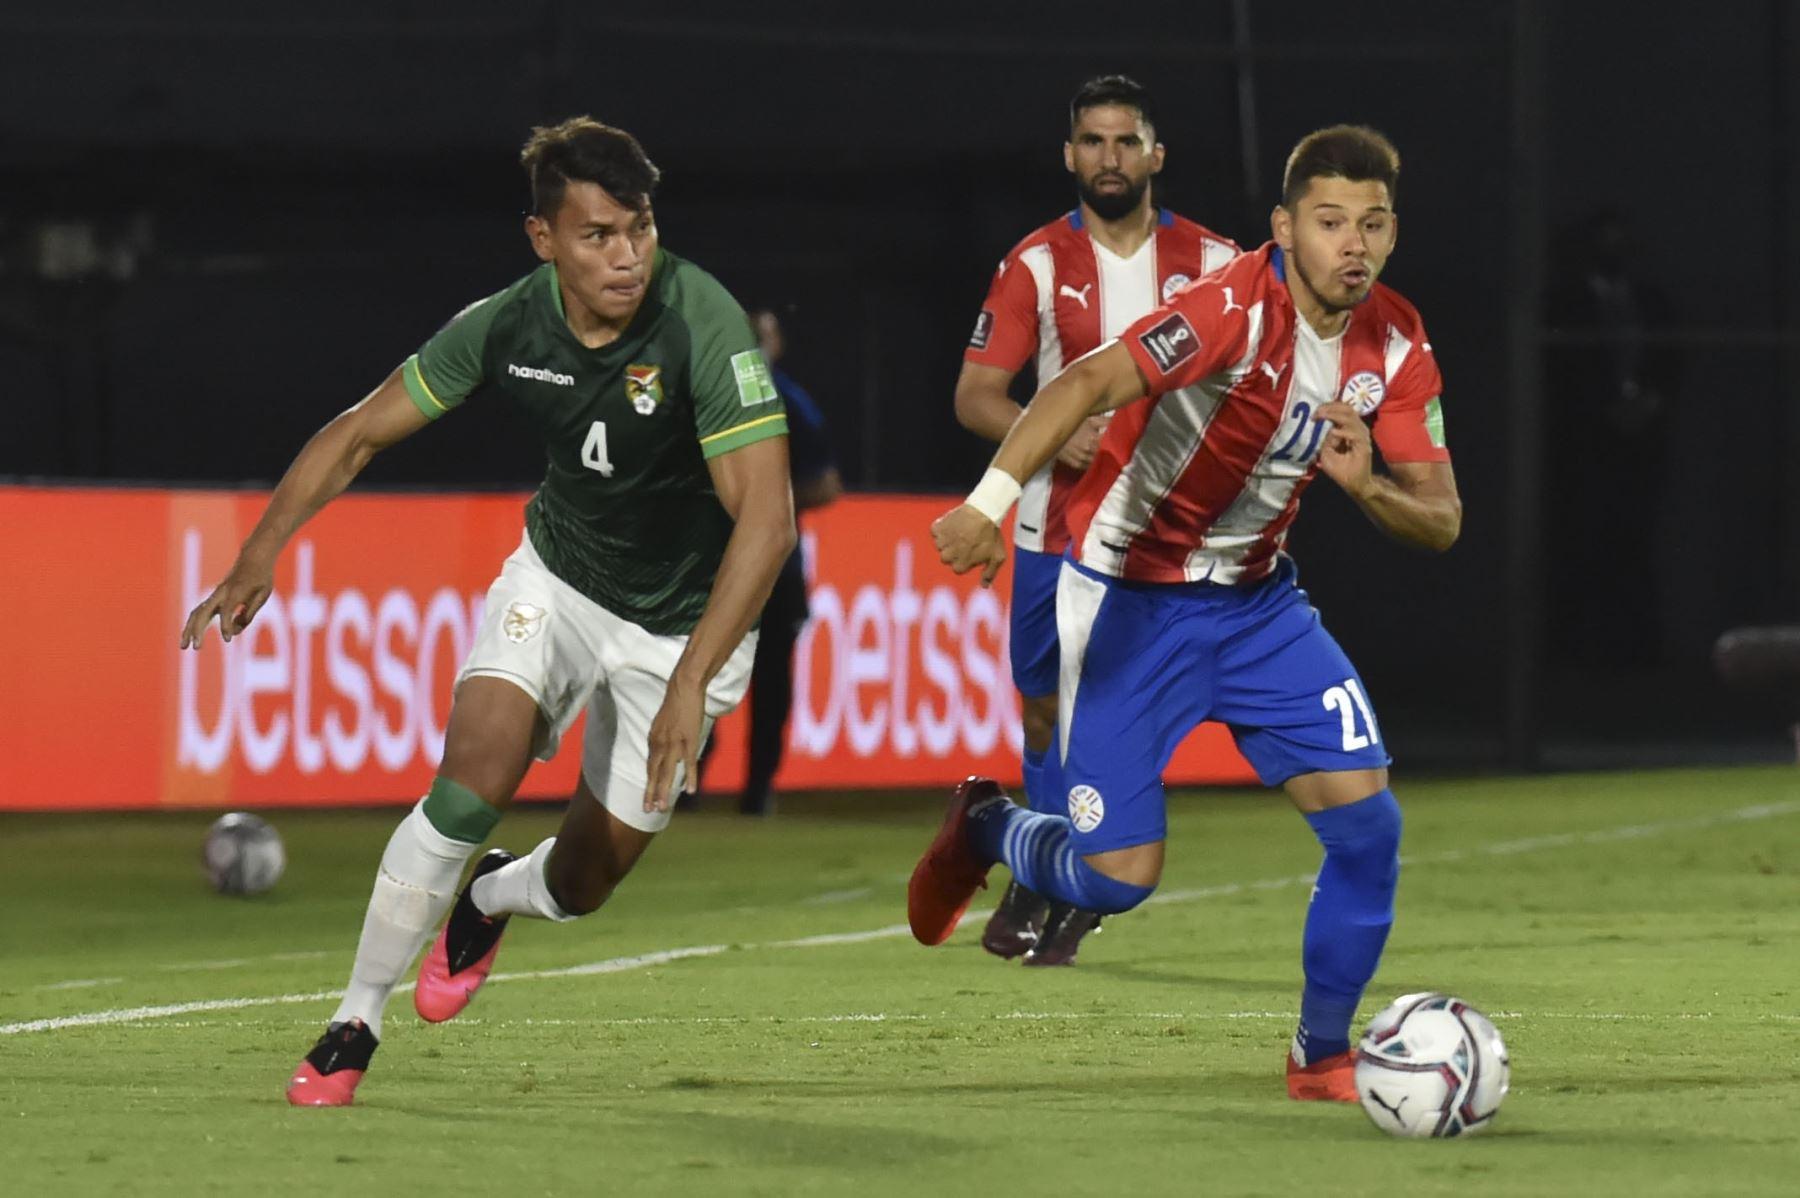 segundo-tiempo-bolivia-supera-2-a-1-a-paraguay